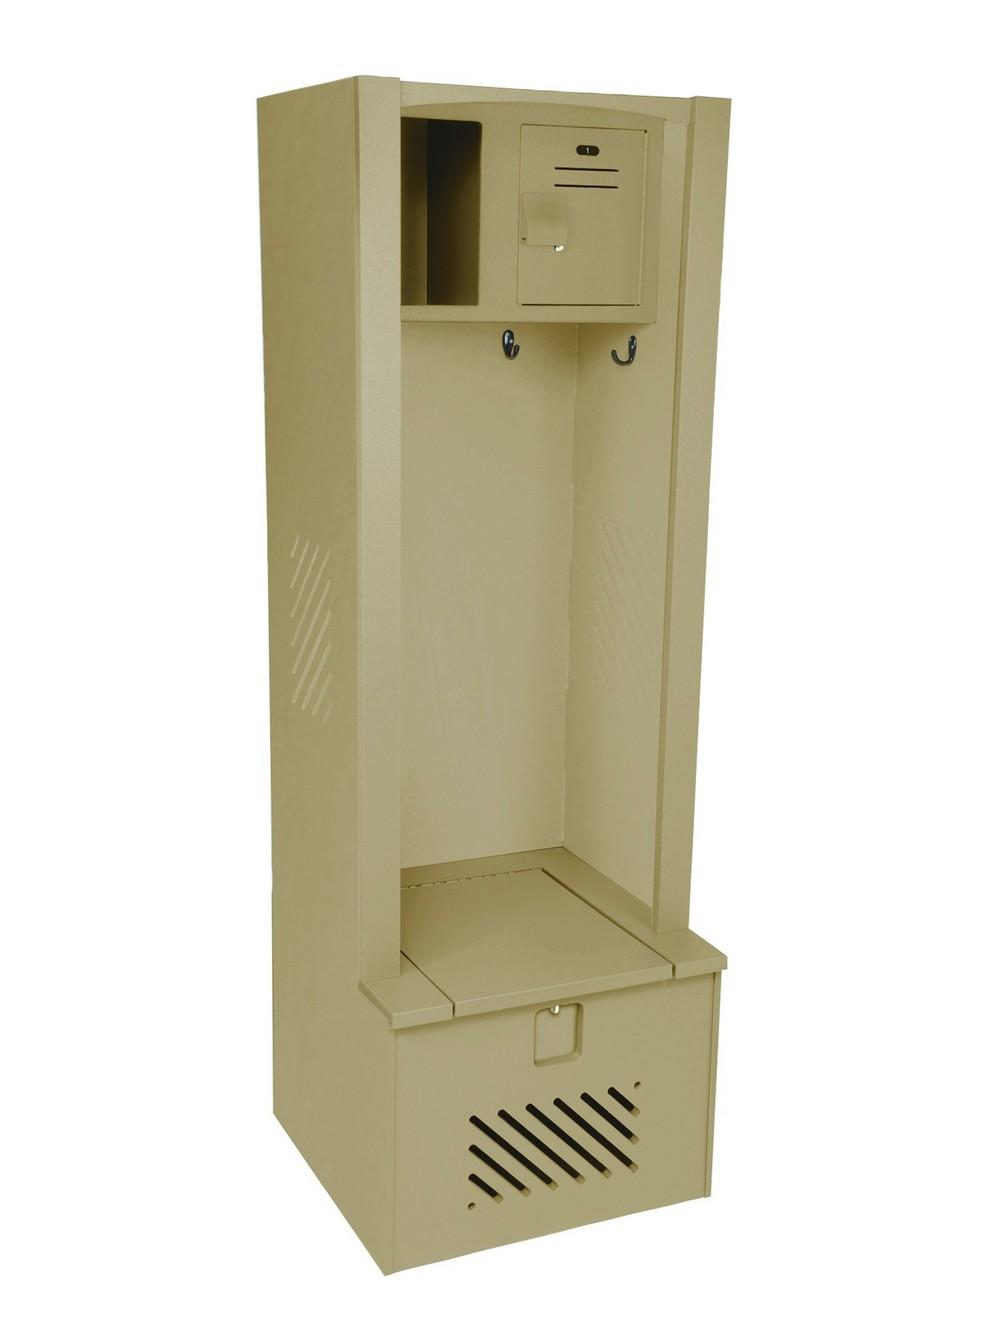 Bradley LK302472GHM 202 Gear Locker 30 Wide 24 Deep